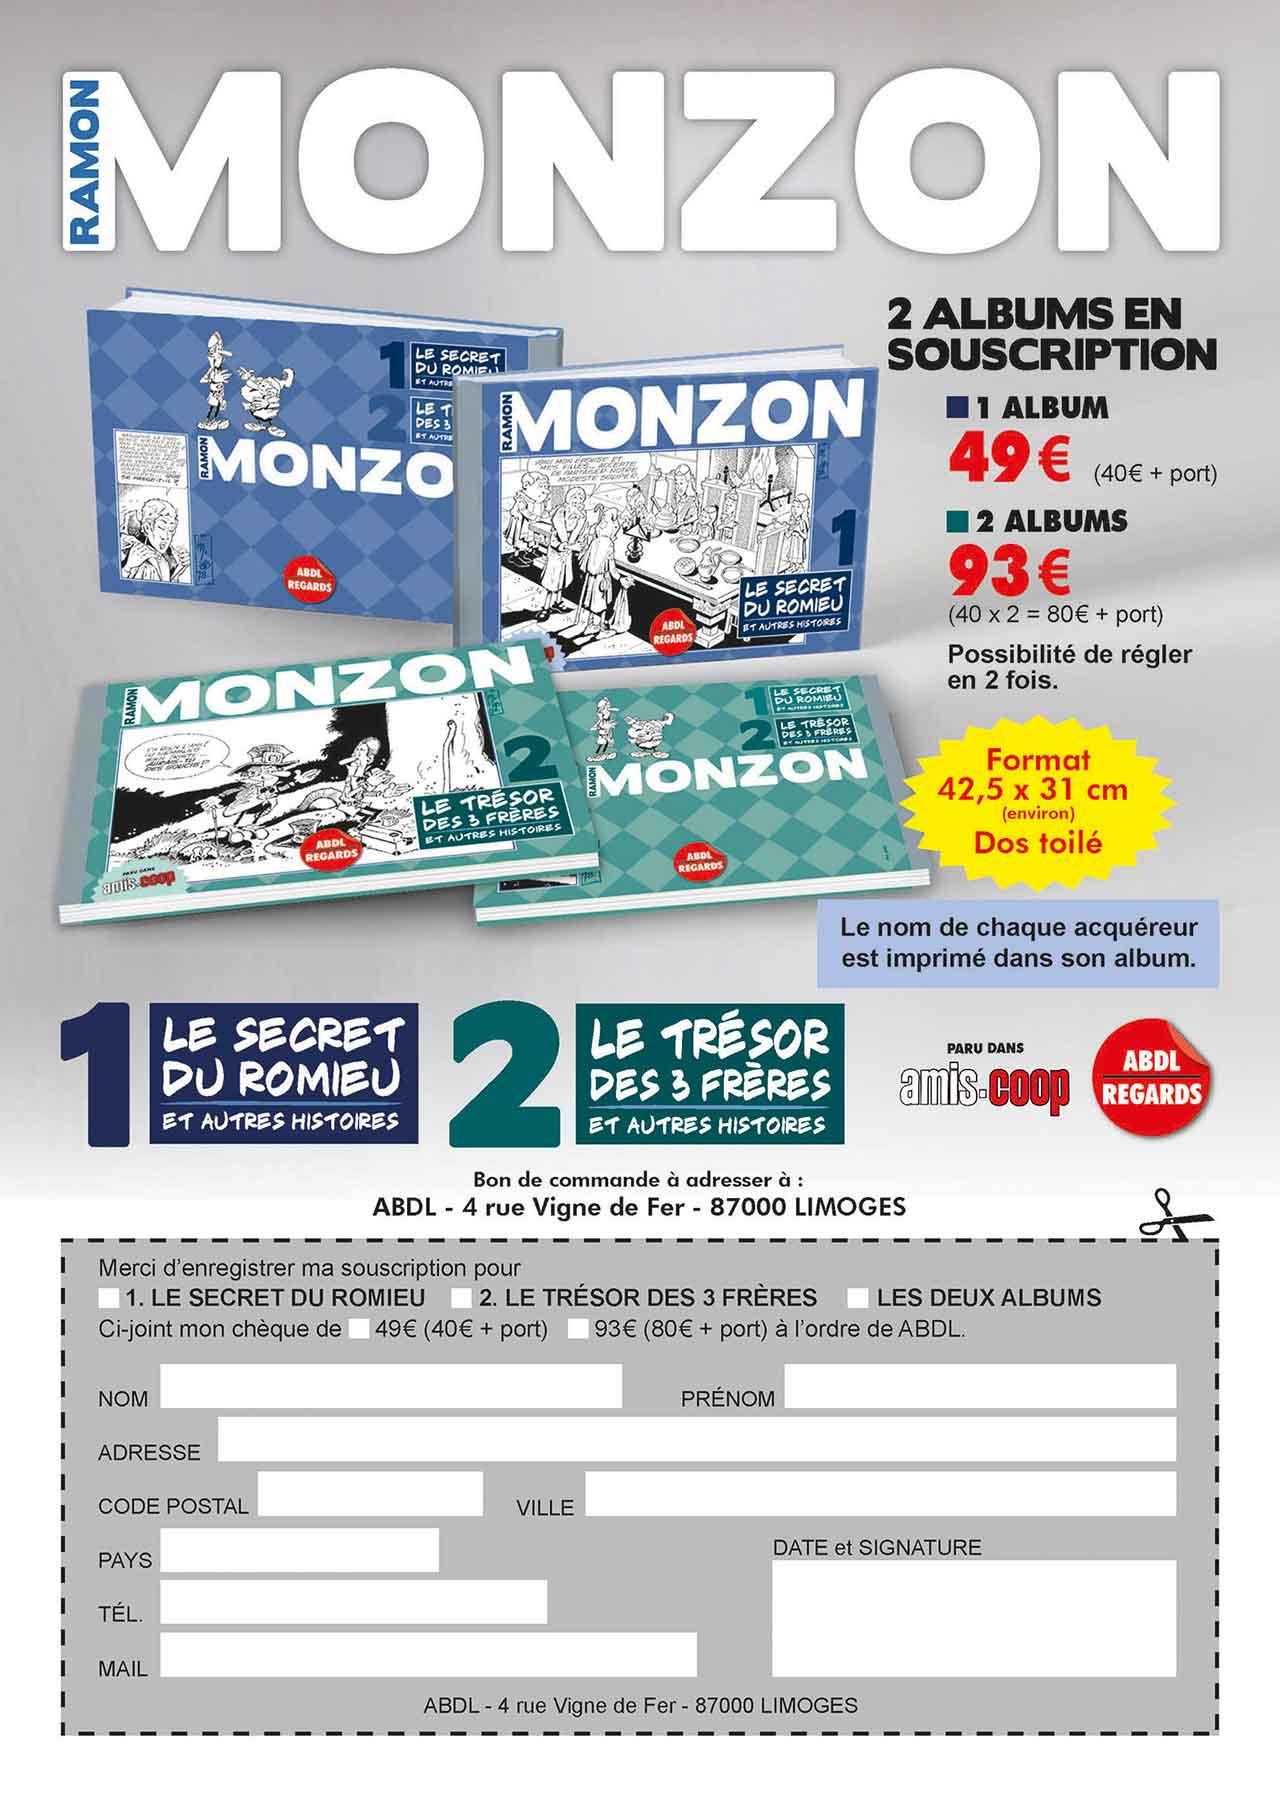 2017 flyer pour commander ouvrages de Monzon - ABDL-Limoges